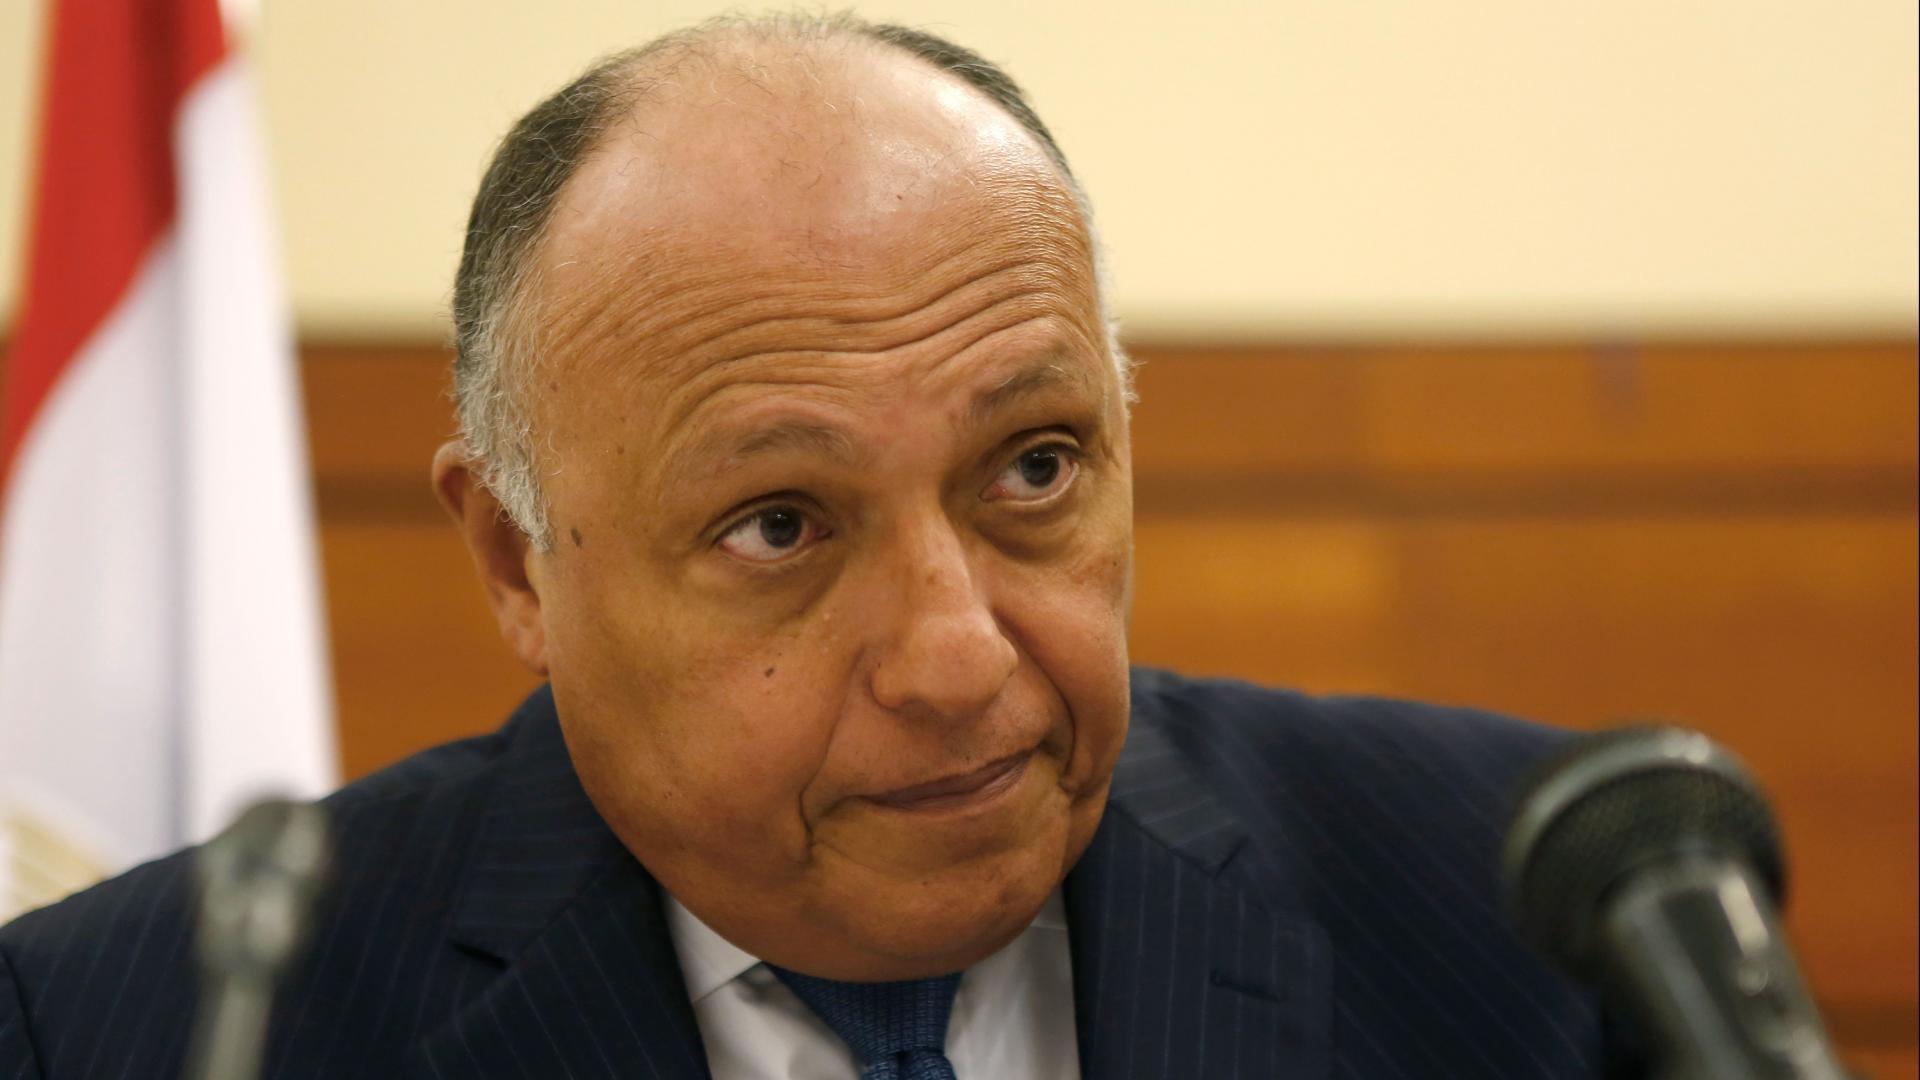 """وزير الخارجية المصري يتهم تركيا وقطر بـ""""دعم المتطرفين"""" في ليبيا"""